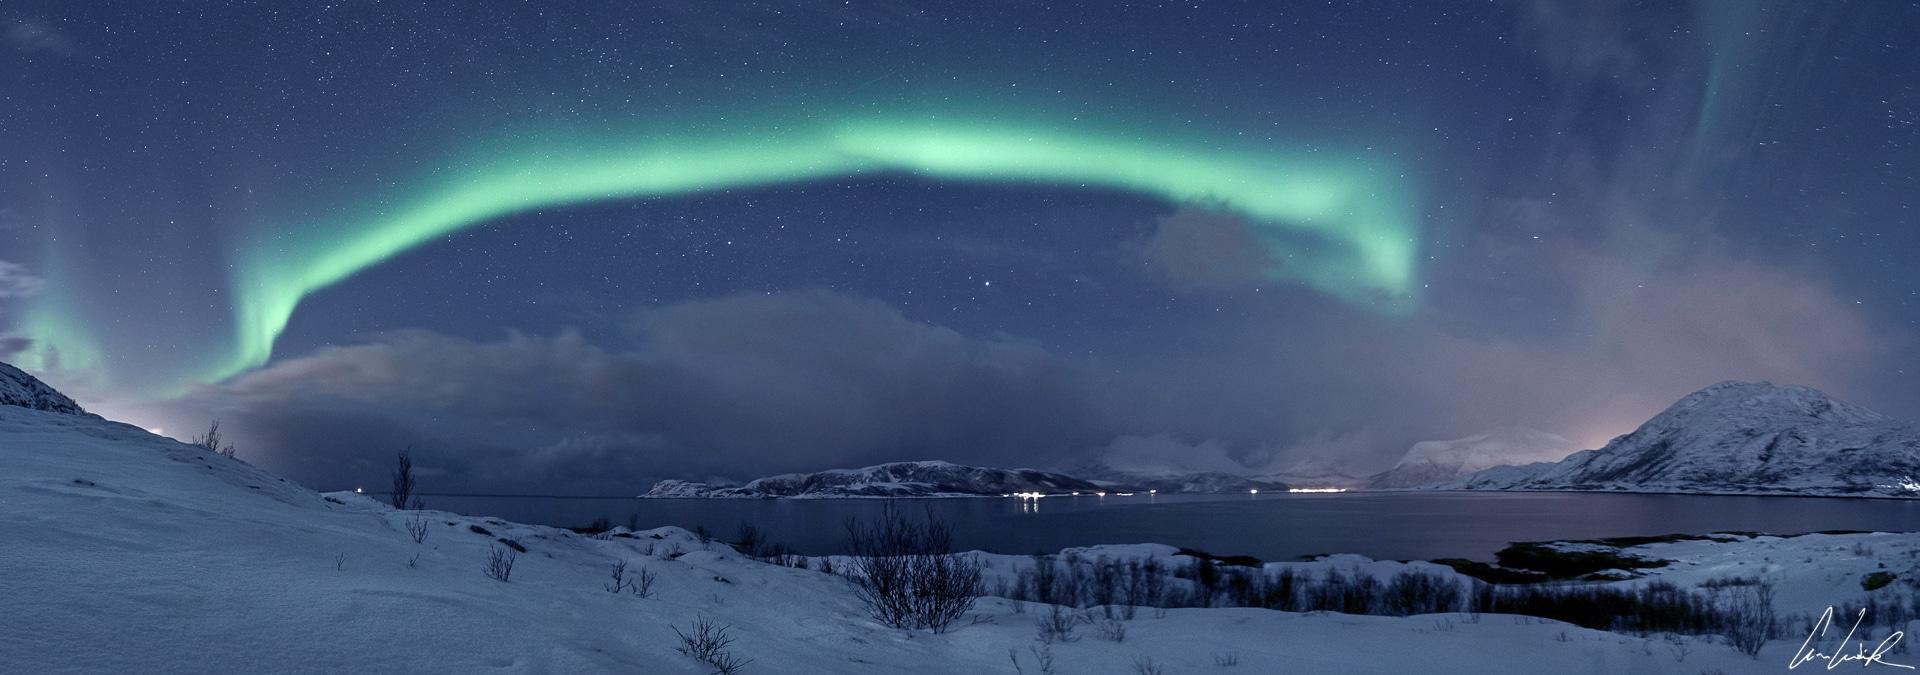 La Laponie, royaume des aurores boréales